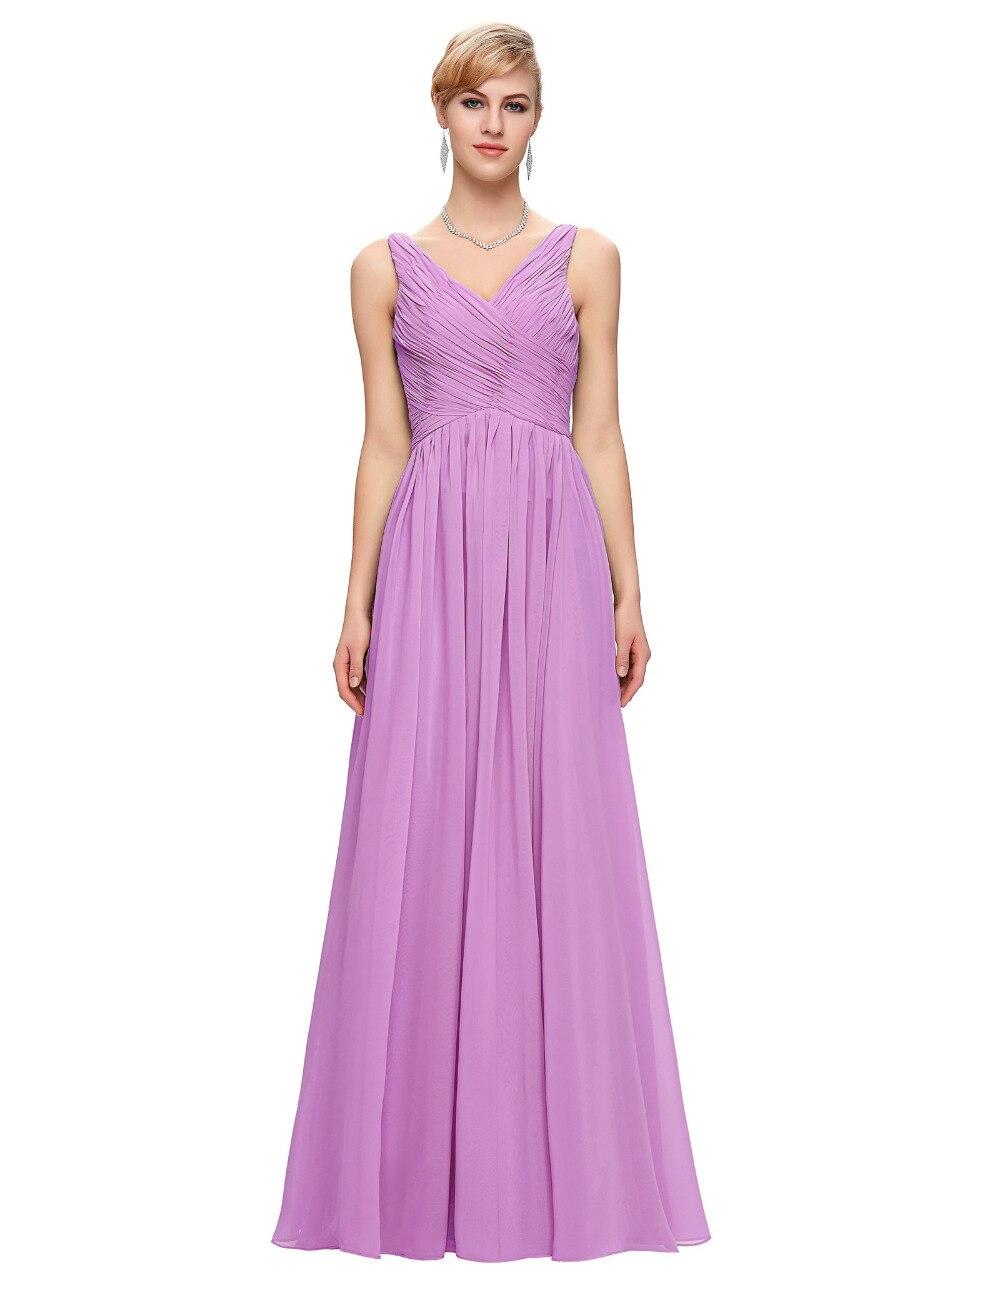 Baratos Rosa elegante Vestido de Noche Vestidos de Baile 2017 de ...